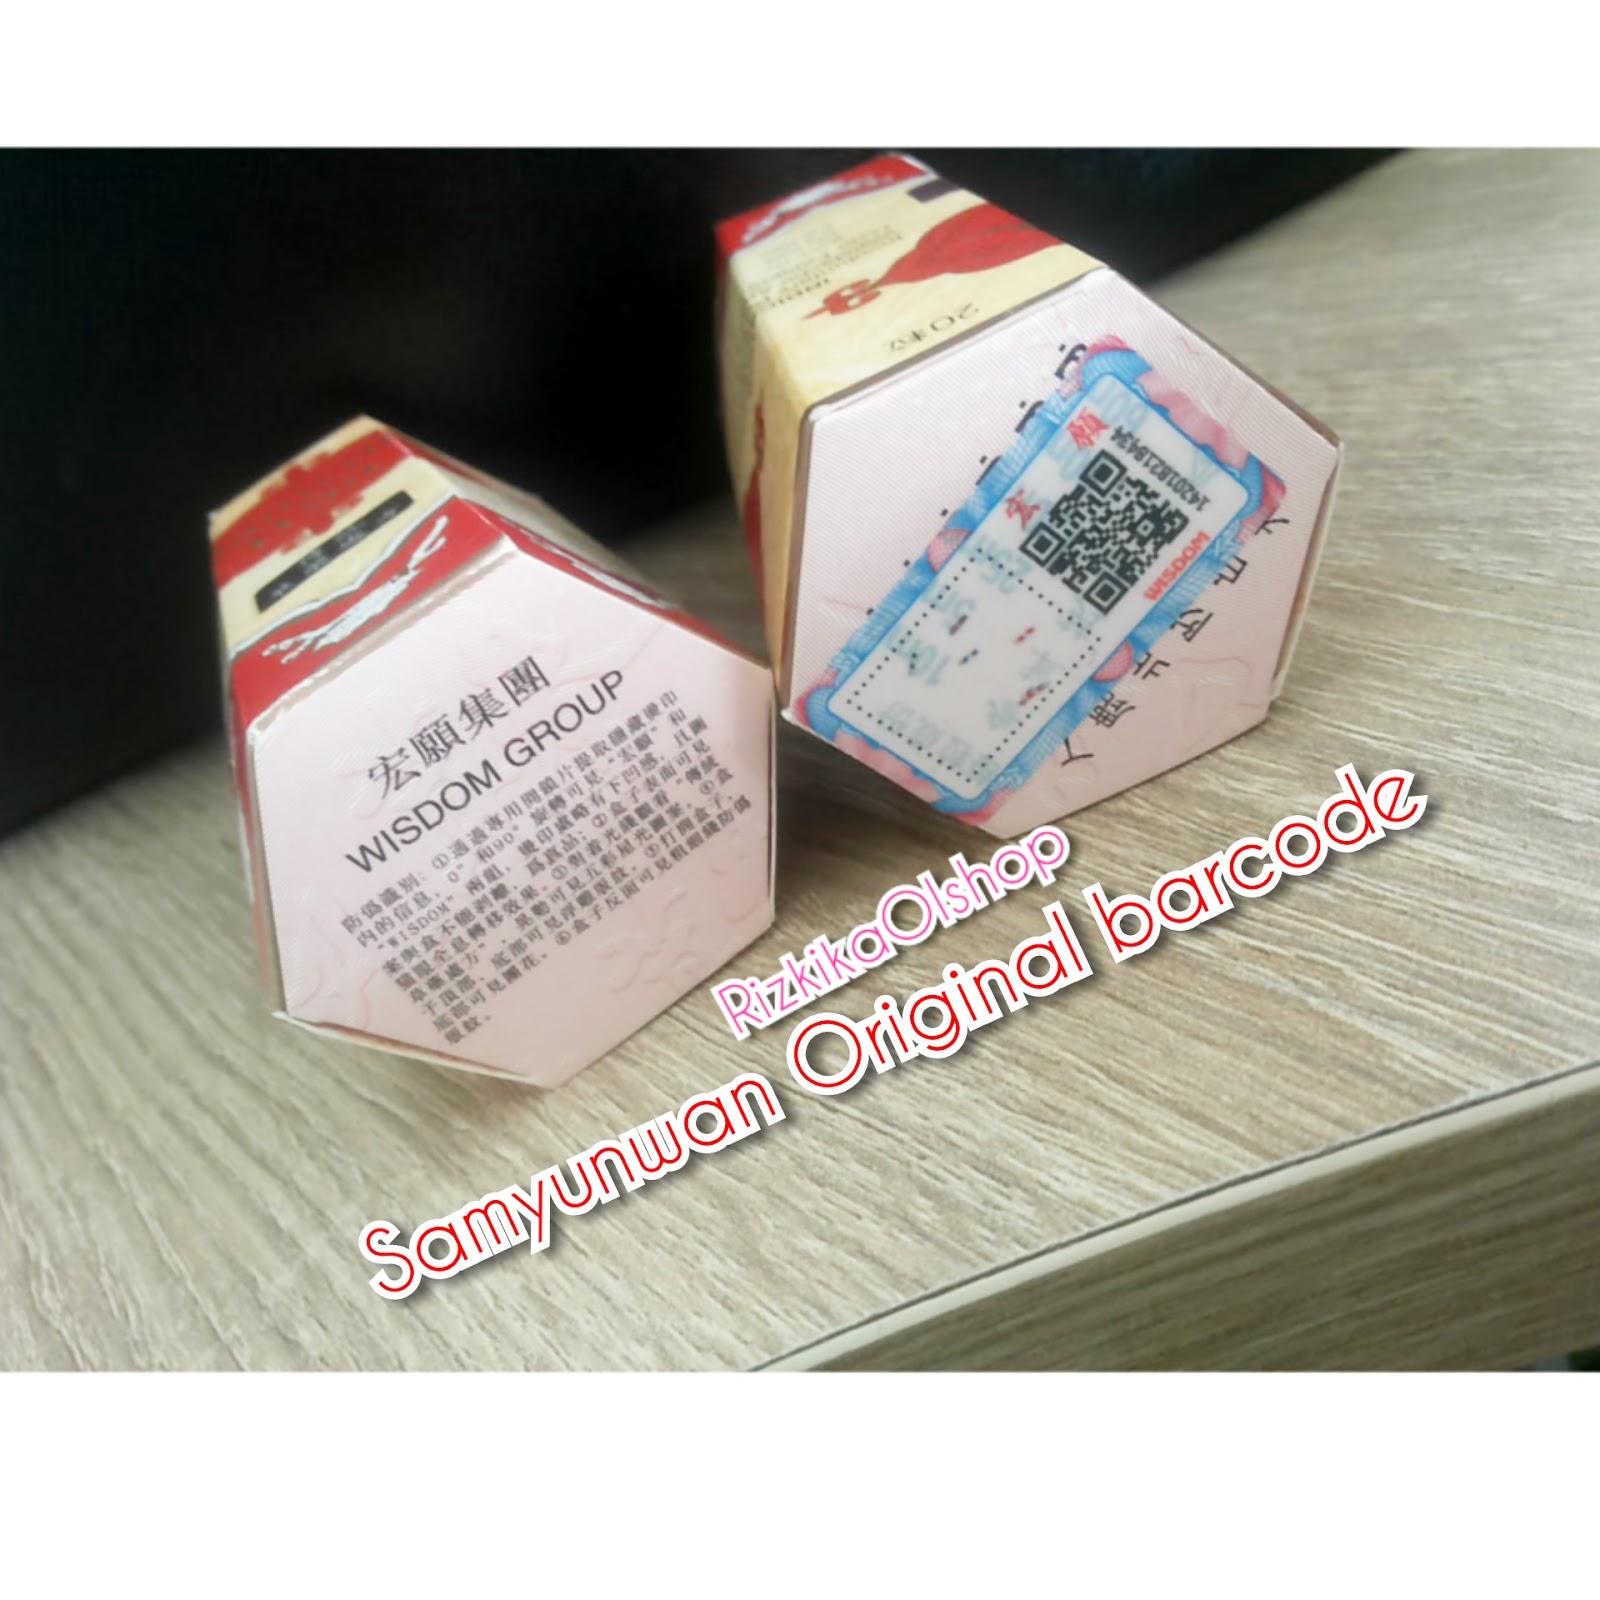 Samyunwan Penggemuk Badan Sam Yun Wan Samyun Wisdom Original Obat Penambah Nafsu Makan Tidak Dianjurkan